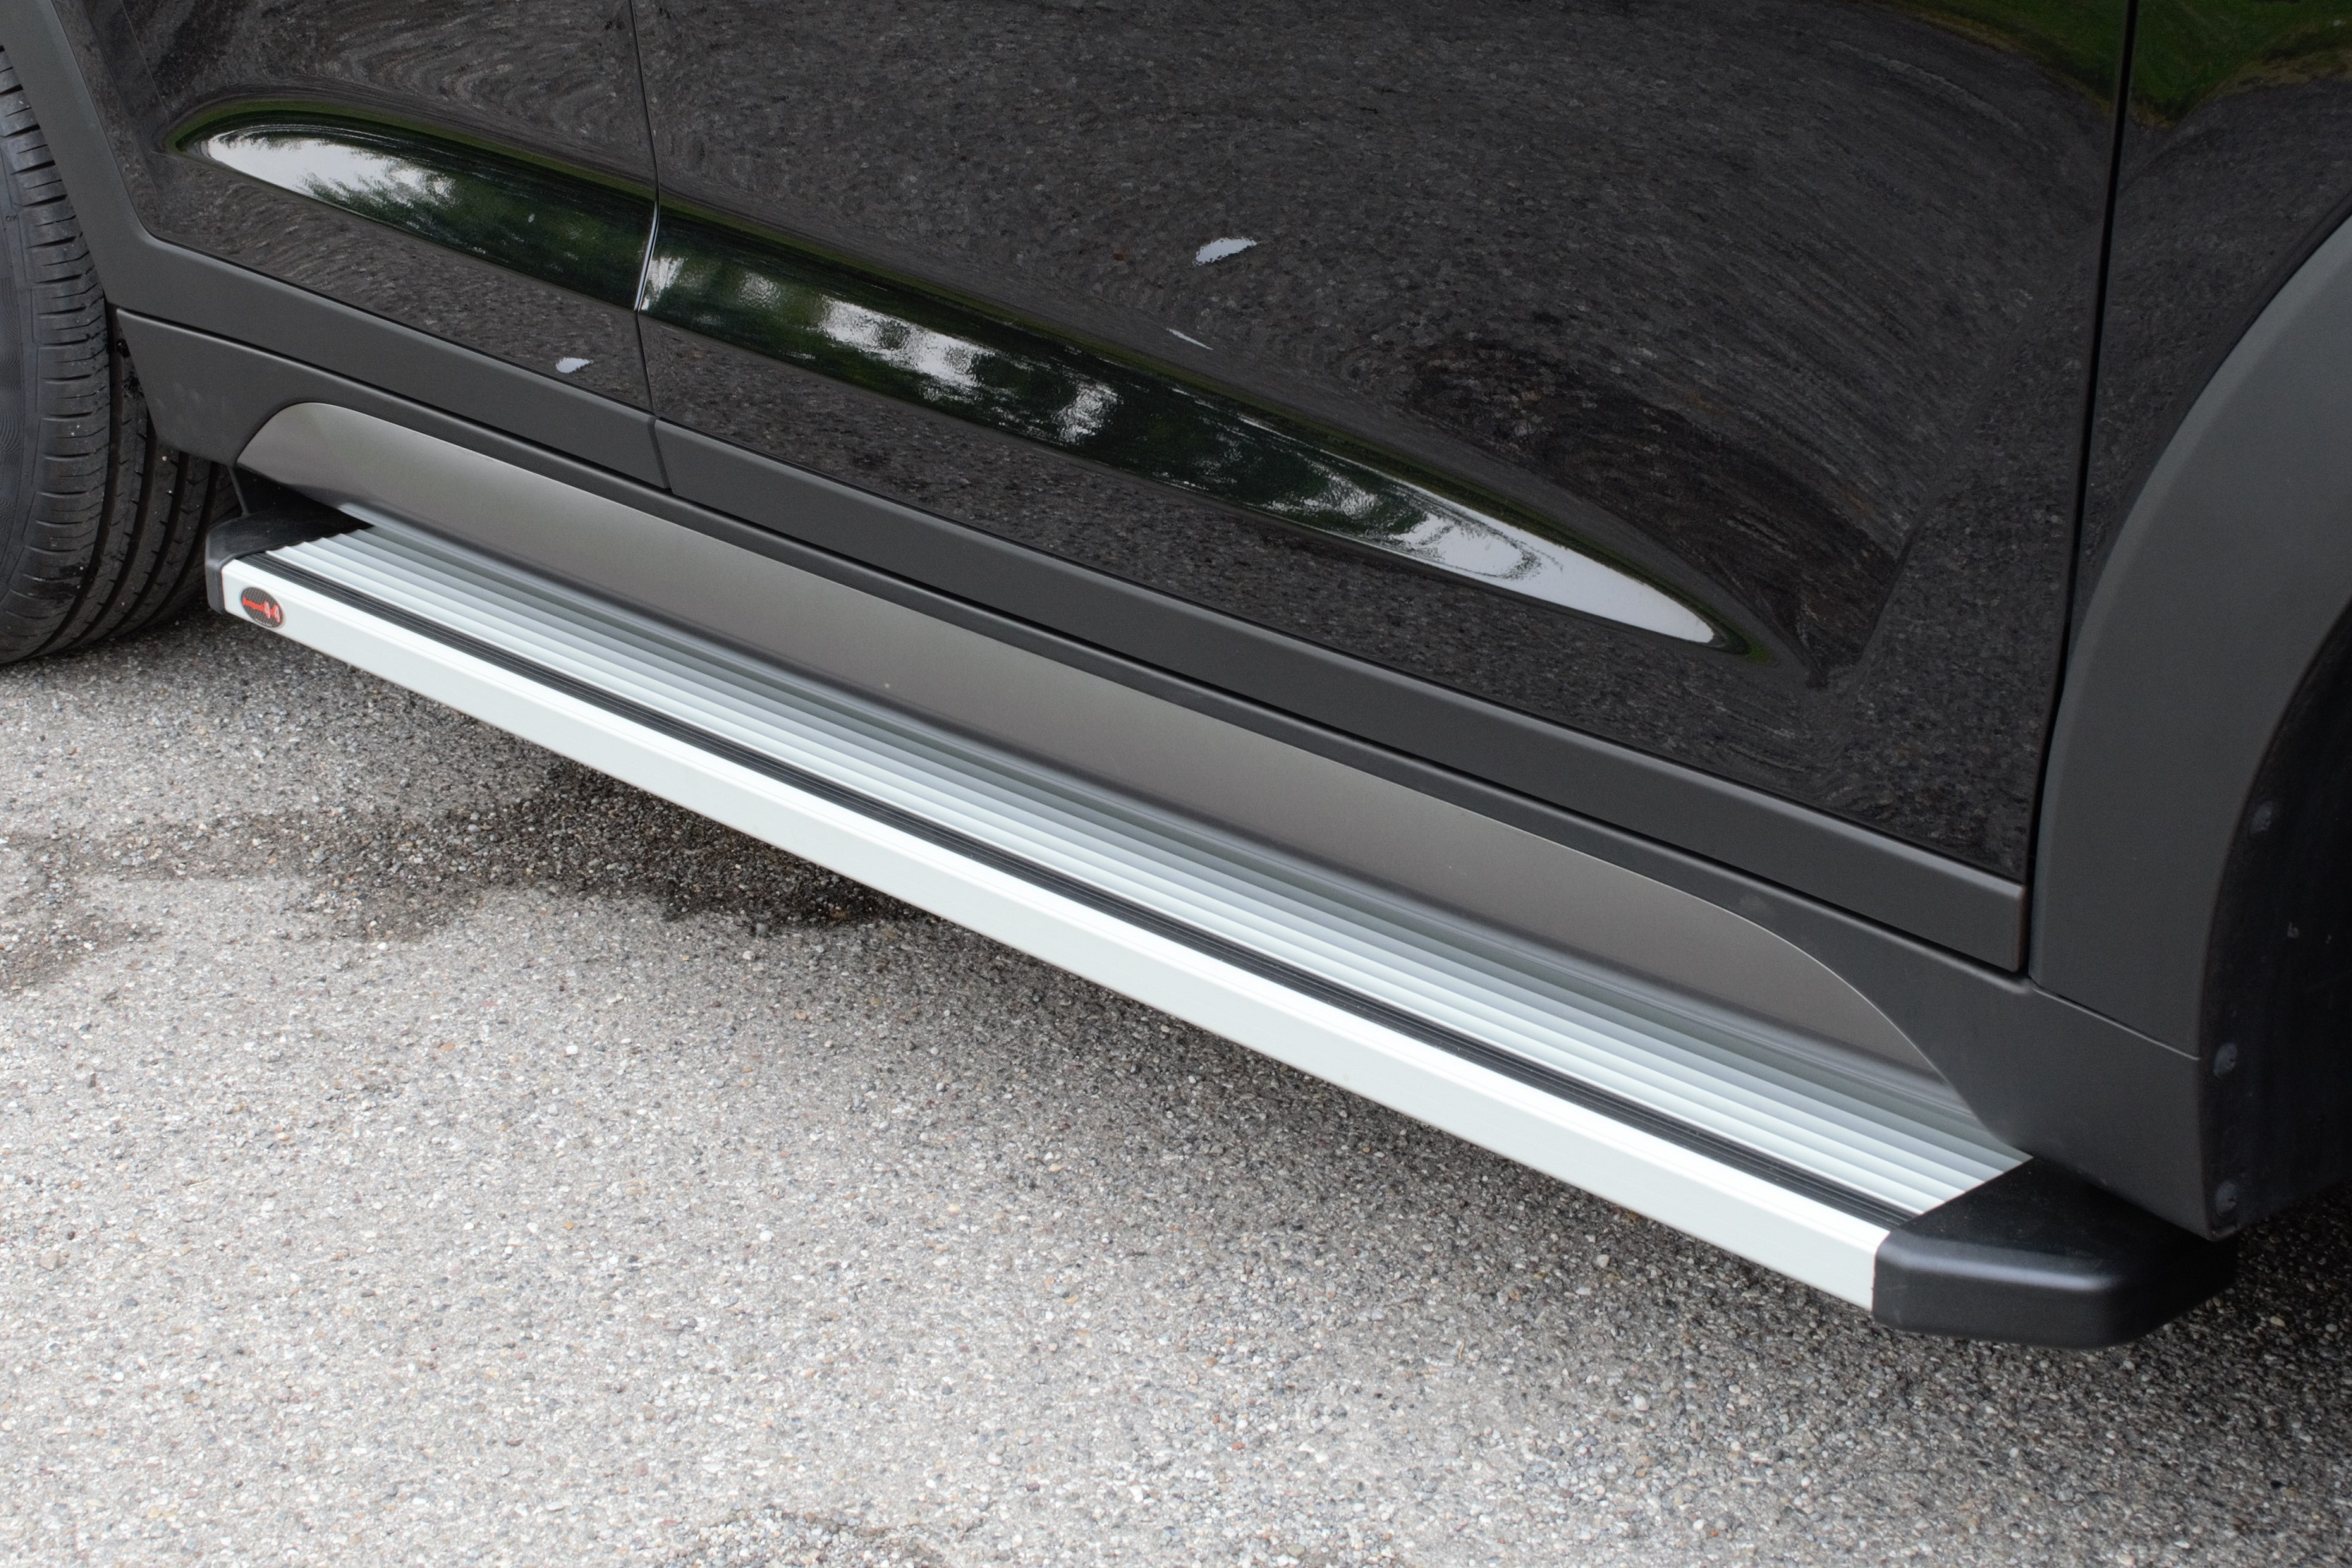 NOVISAUTO Aluminium Trittbrett STD für Ford Ranger Extrakabine mit bequemer Antirutsch Gummieinlage